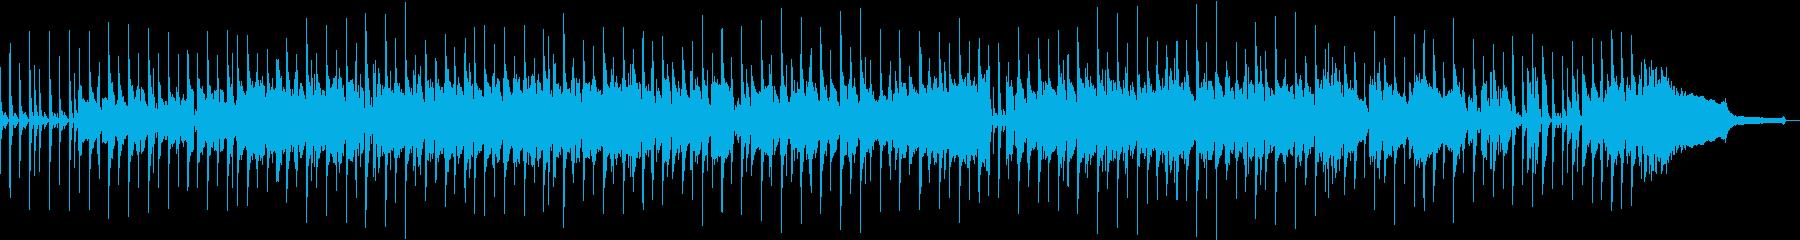 オシャレでノリの良い爽やかな曲の再生済みの波形